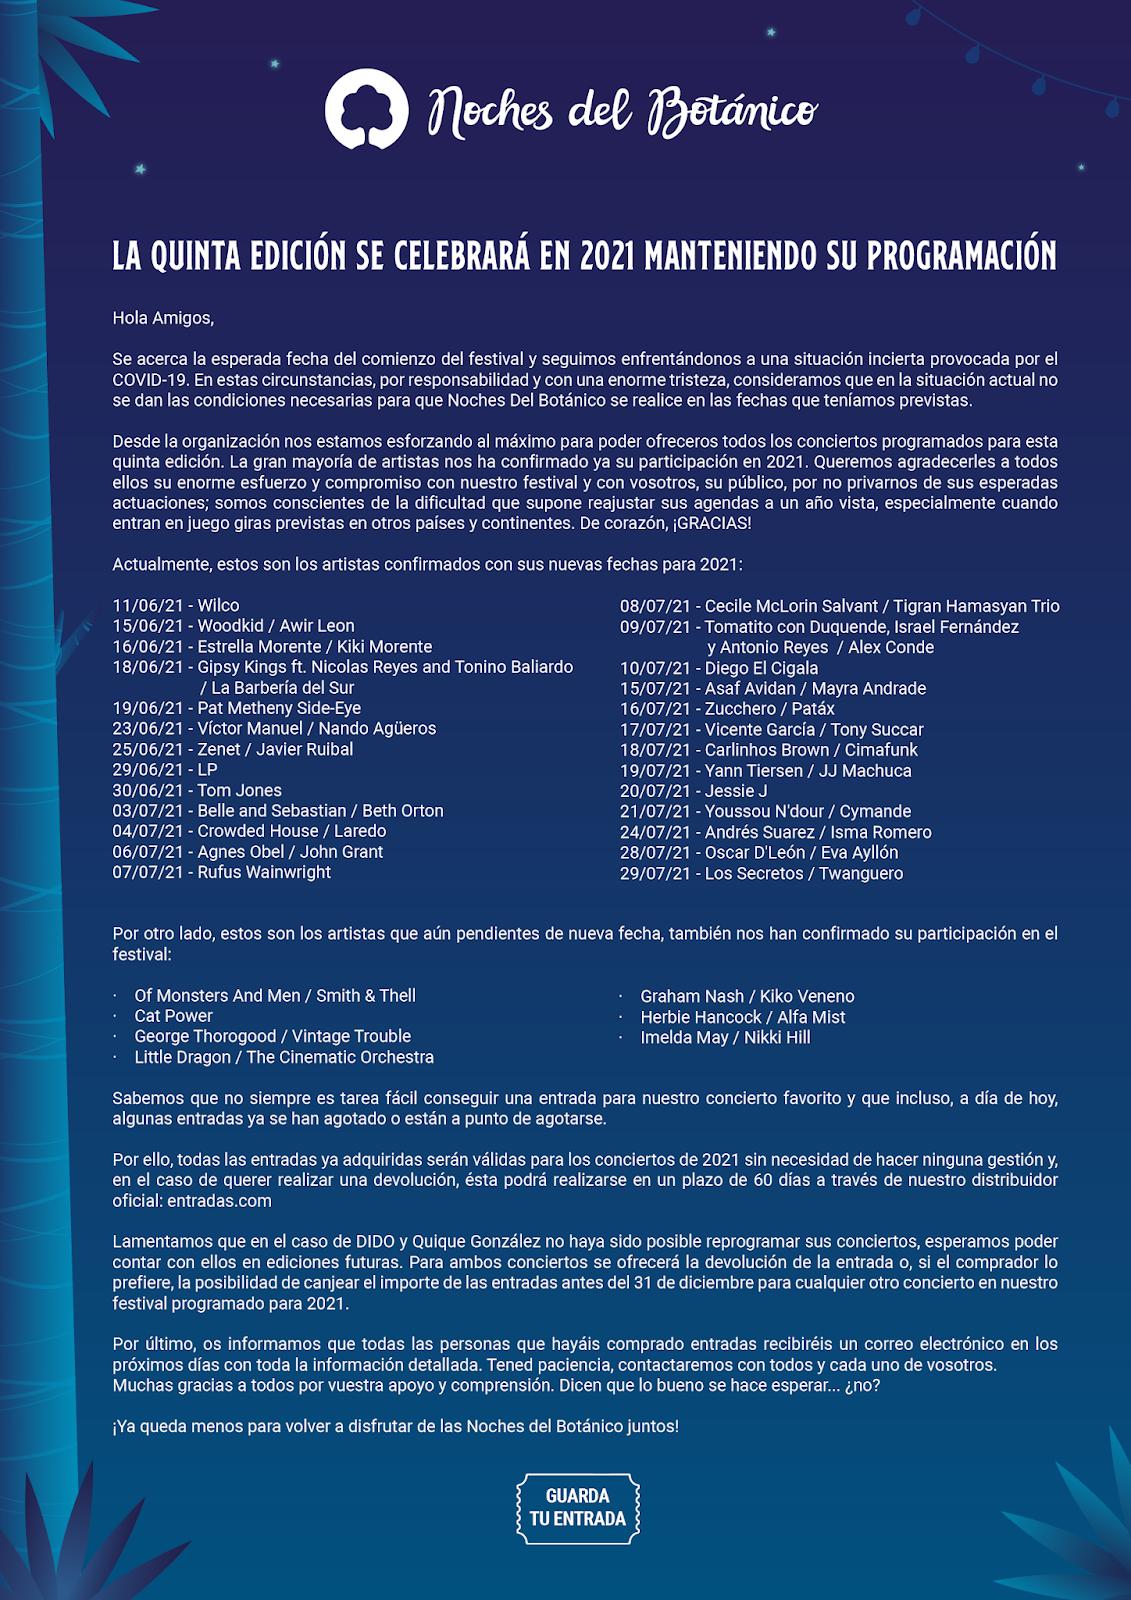 NOCHES DEL BOTÁNICO - Junio/Julio - MADRID - Jardín Botánico Alfonso XIII - Página 10 Botanico